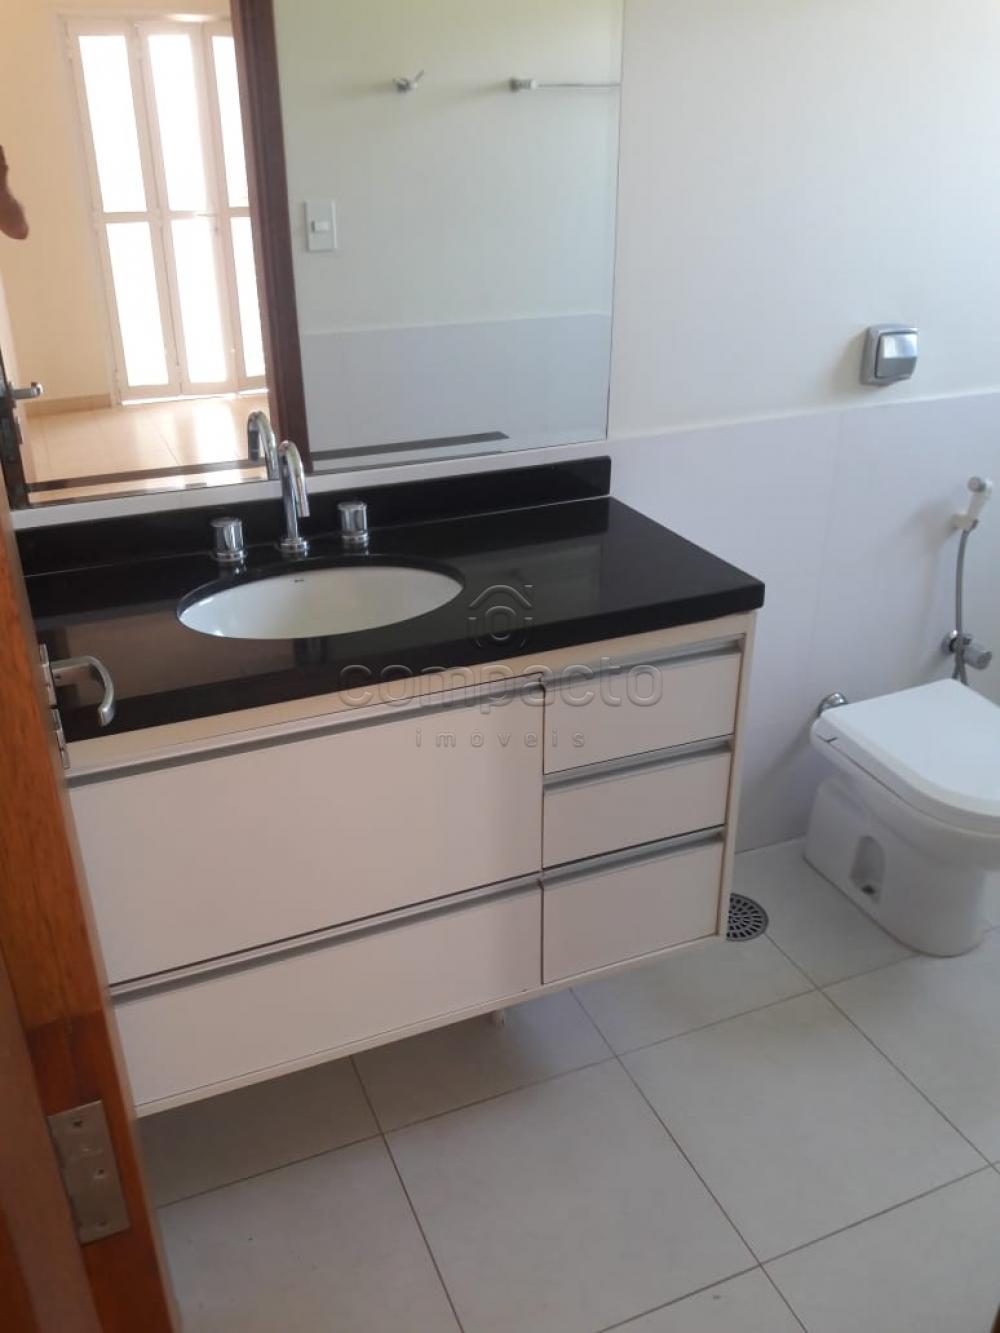 Alugar Casa / Condomínio em São José do Rio Preto apenas R$ 4.500,00 - Foto 13